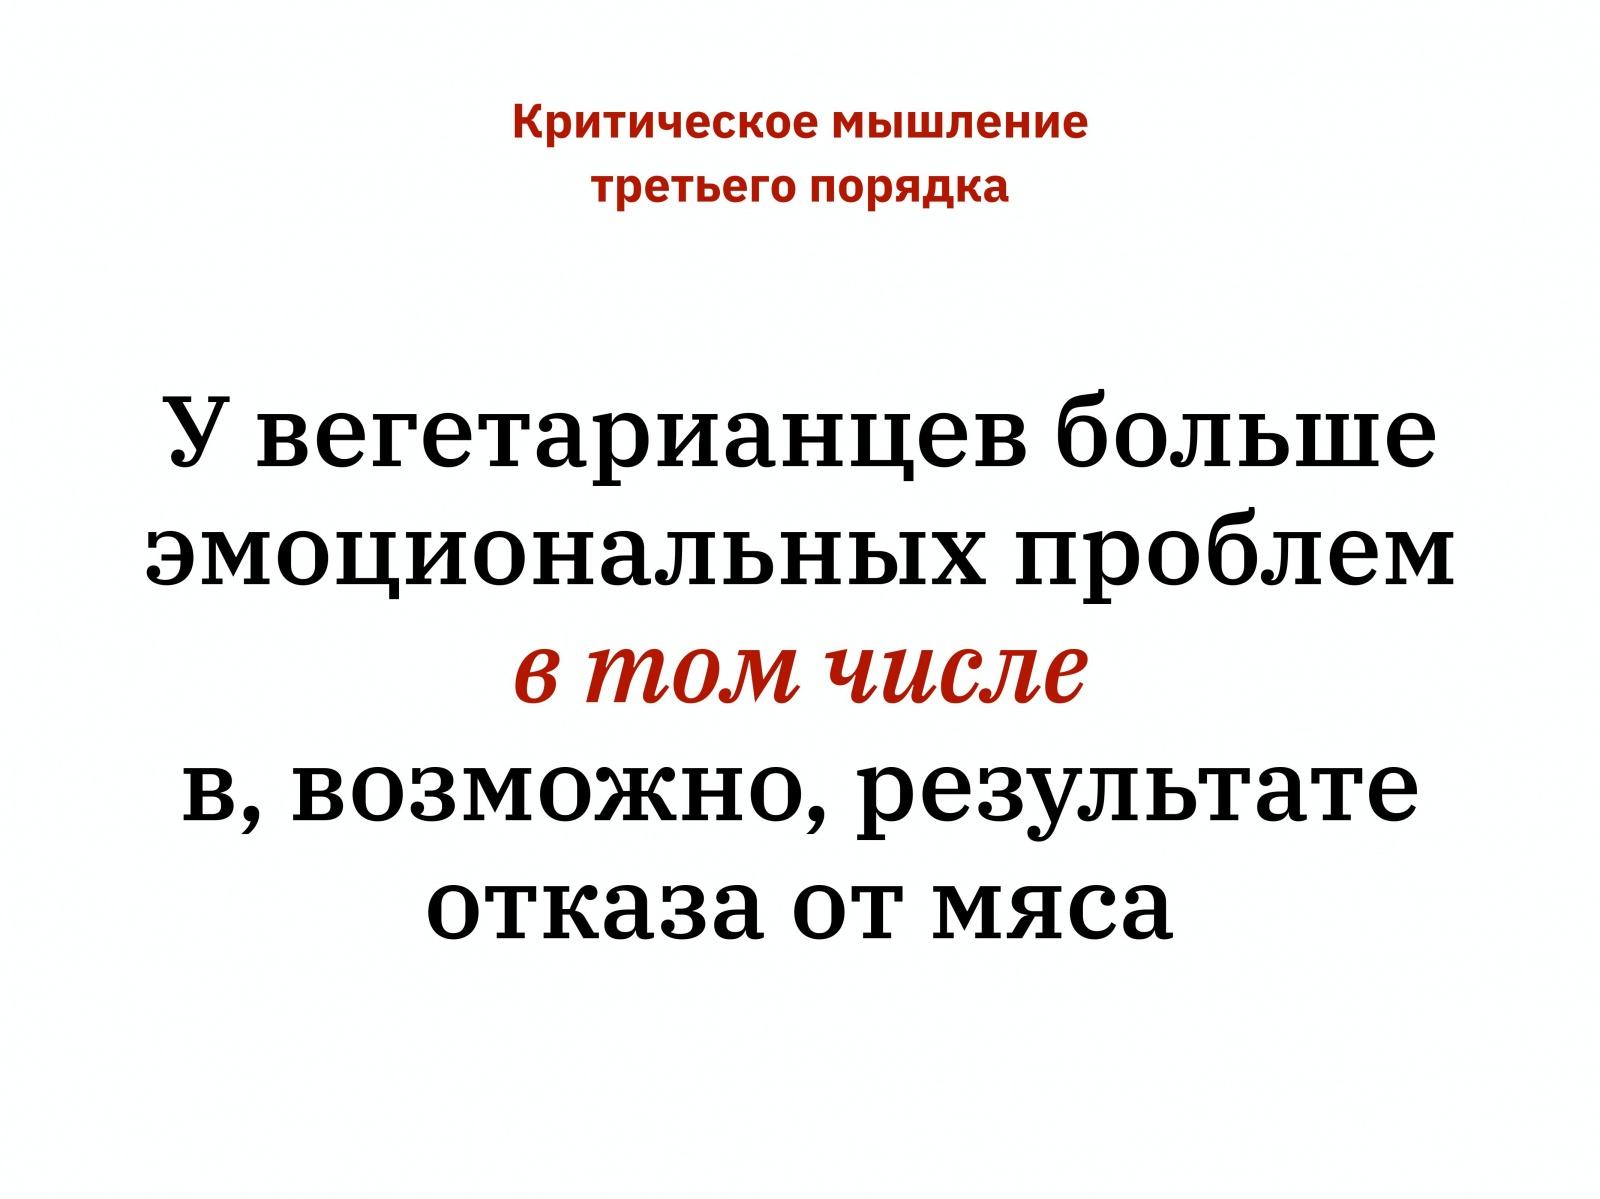 Алексей Каптерев: Критическое мышление 101 (часть 2) - 90